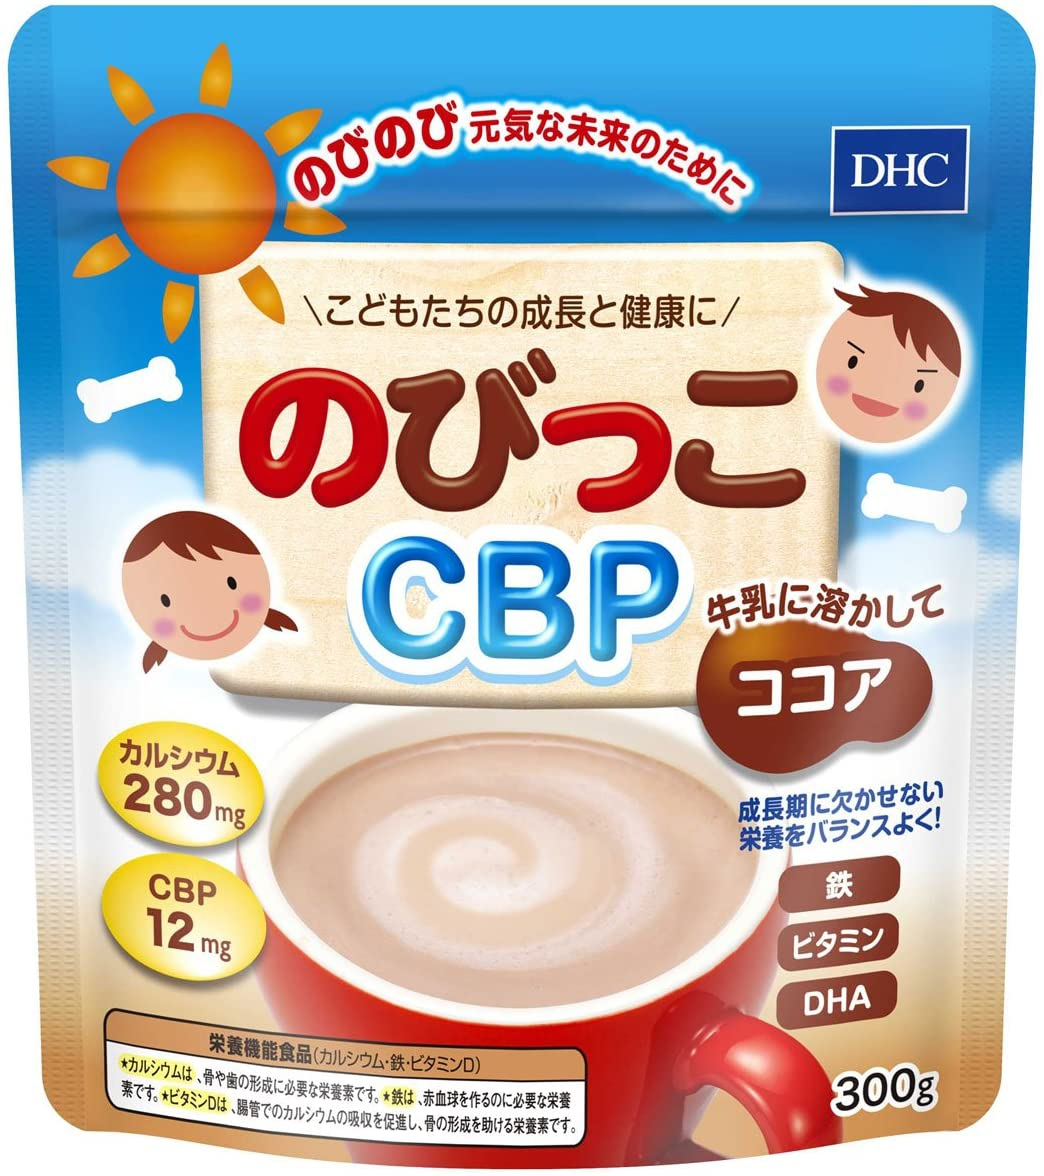 DHC(ディーエイチシー) のびっこCBP【栄養機能食品】